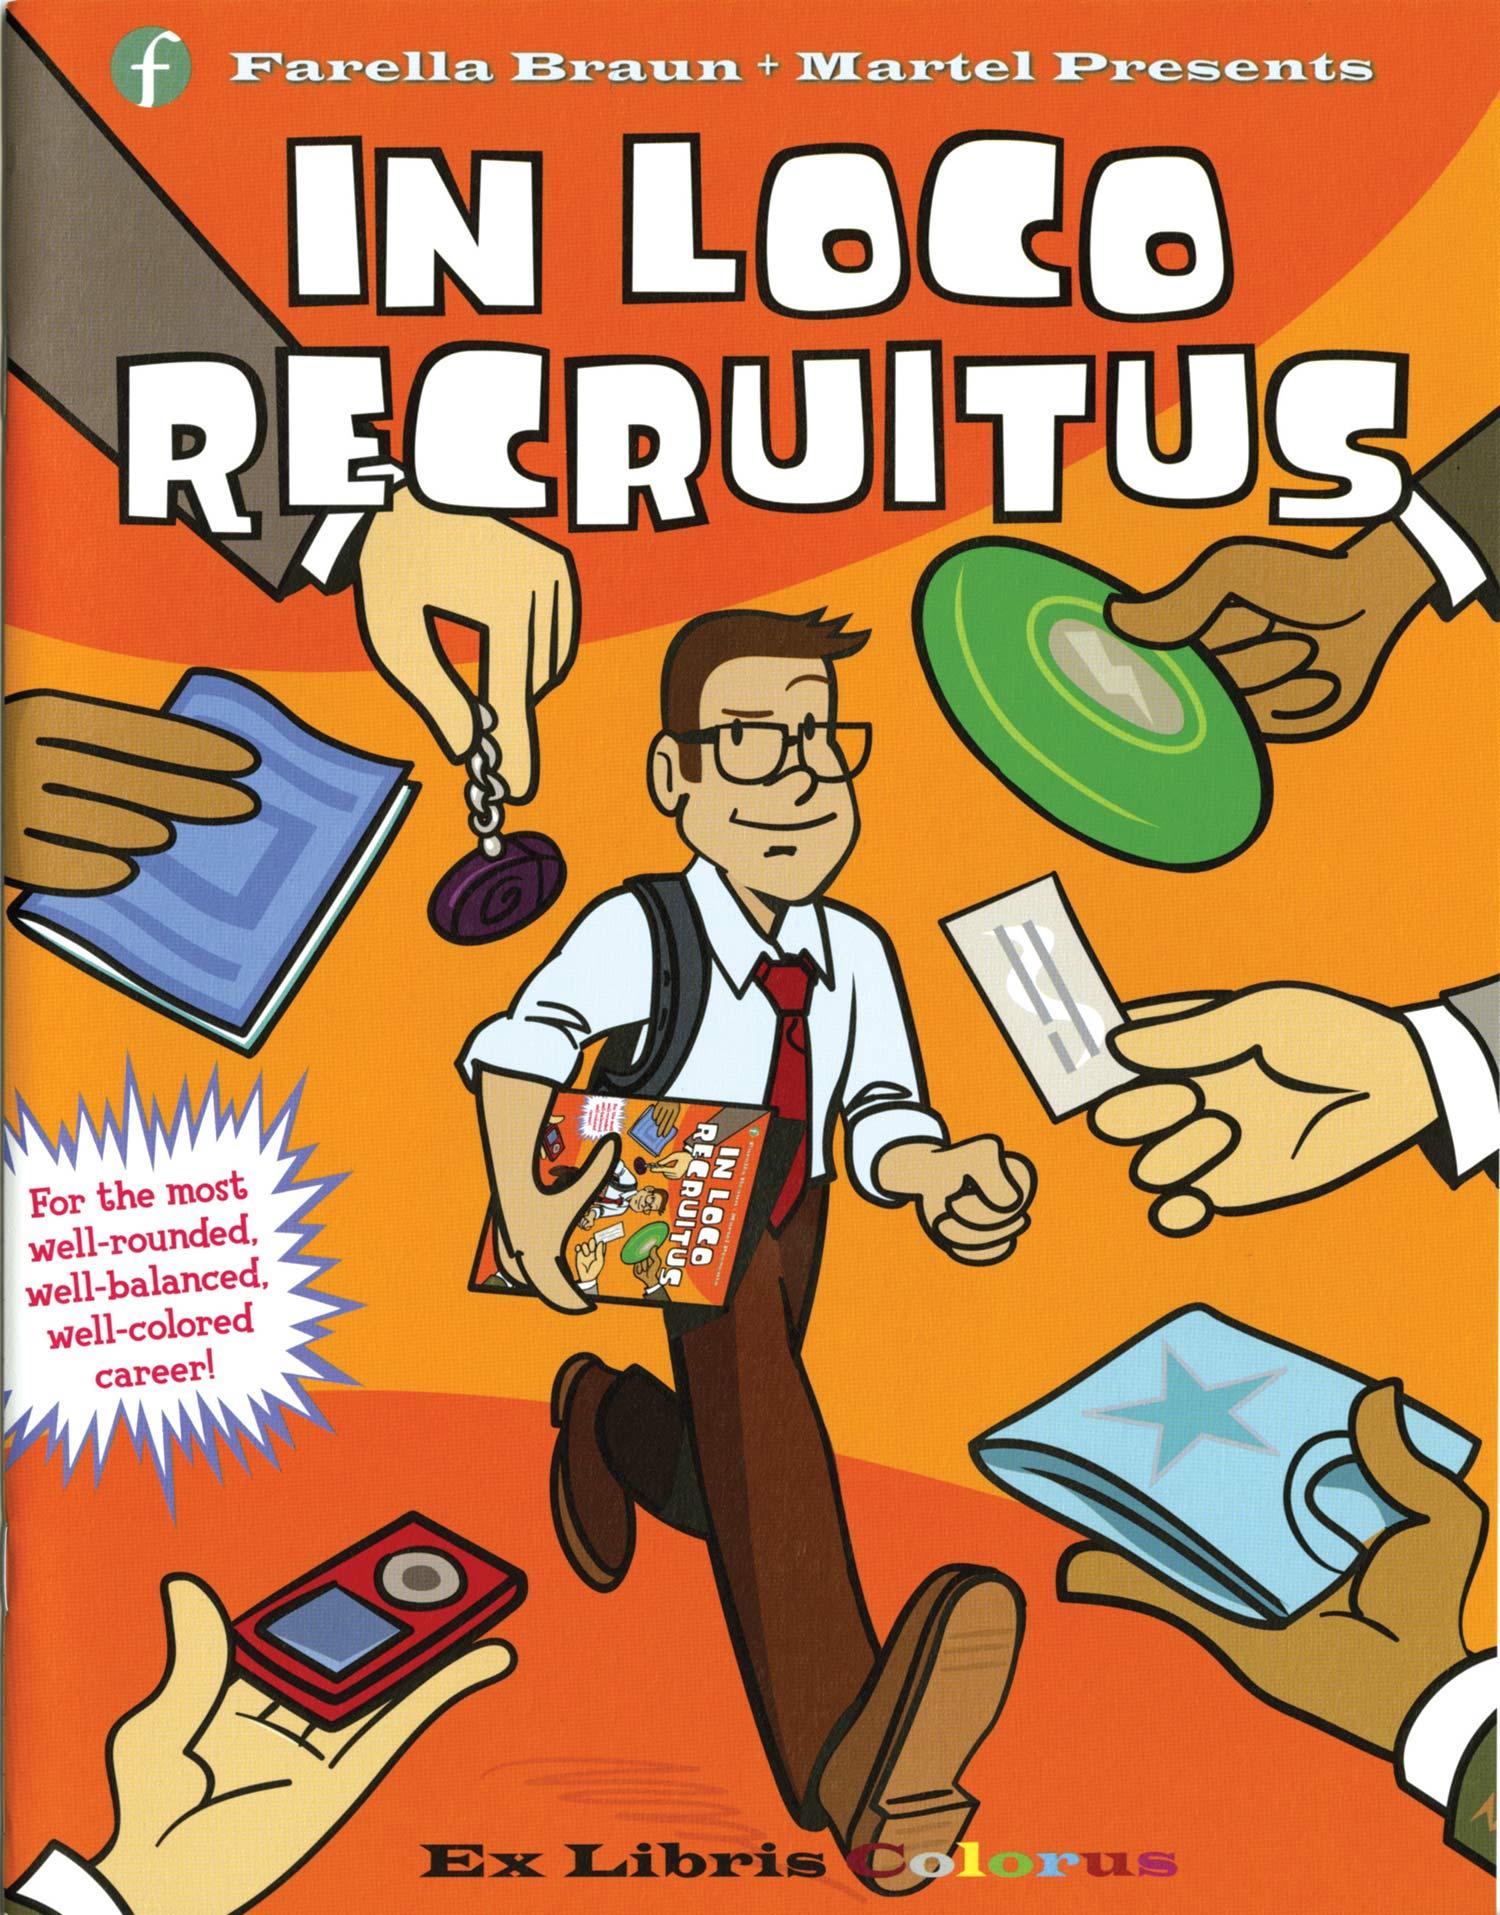 Farella Braun Recruiting Activity Book